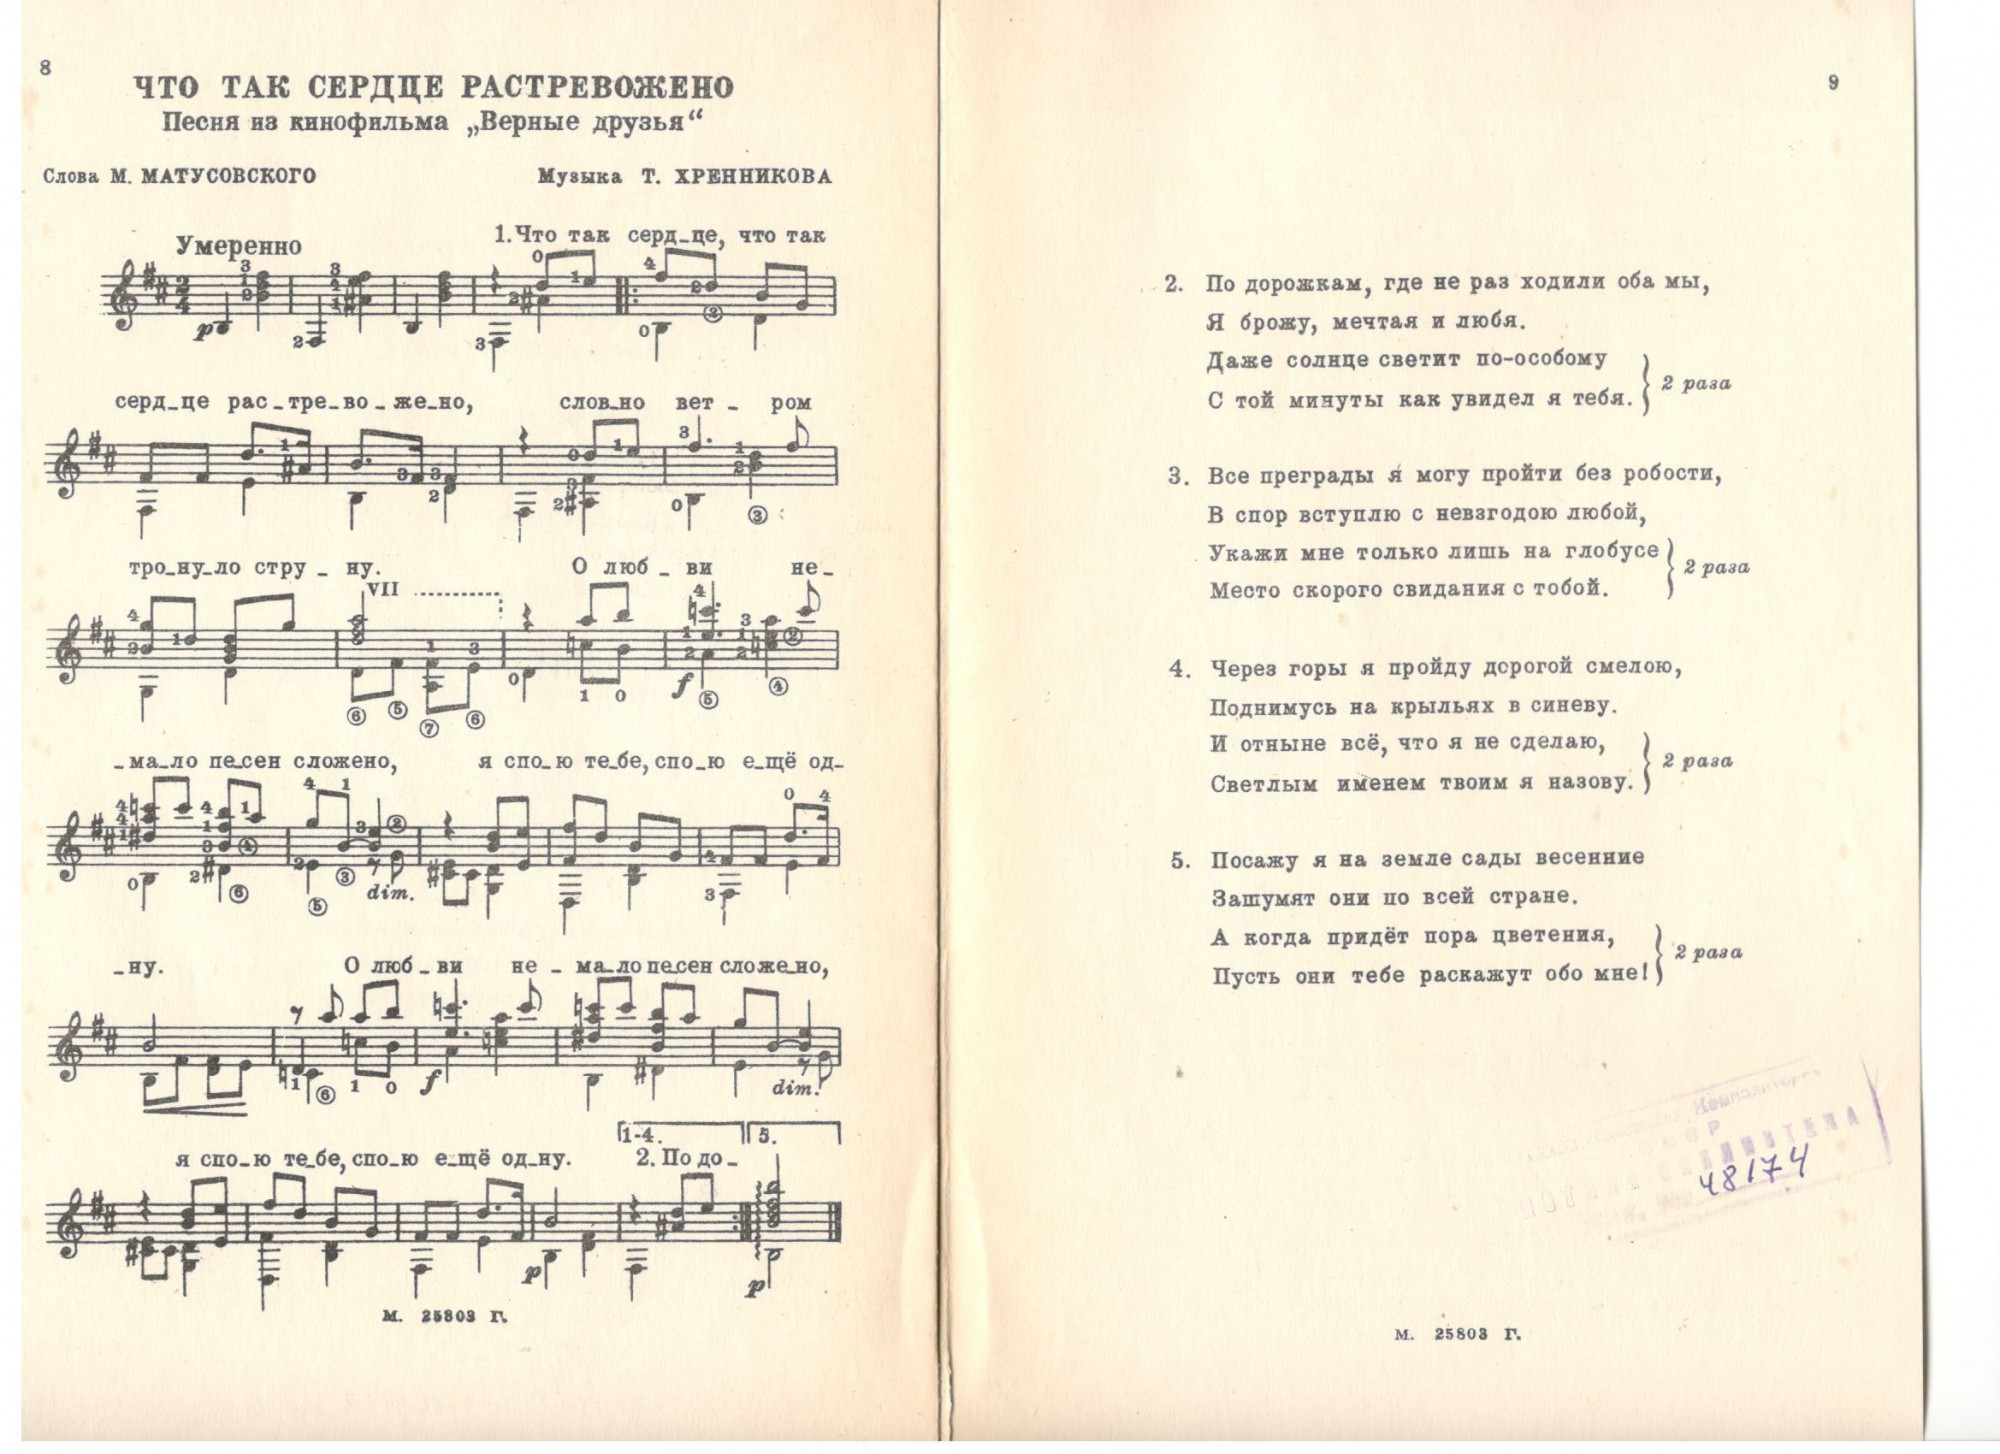 ПЕСНЯ ИЗ ФИЛЬМА ВЕРНЫЕ ДРУЗЬЯ ЧТО ТАК СЕРДЦЕ РАСТРЕВОЖЕНО СКАЧАТЬ БЕСПЛАТНО